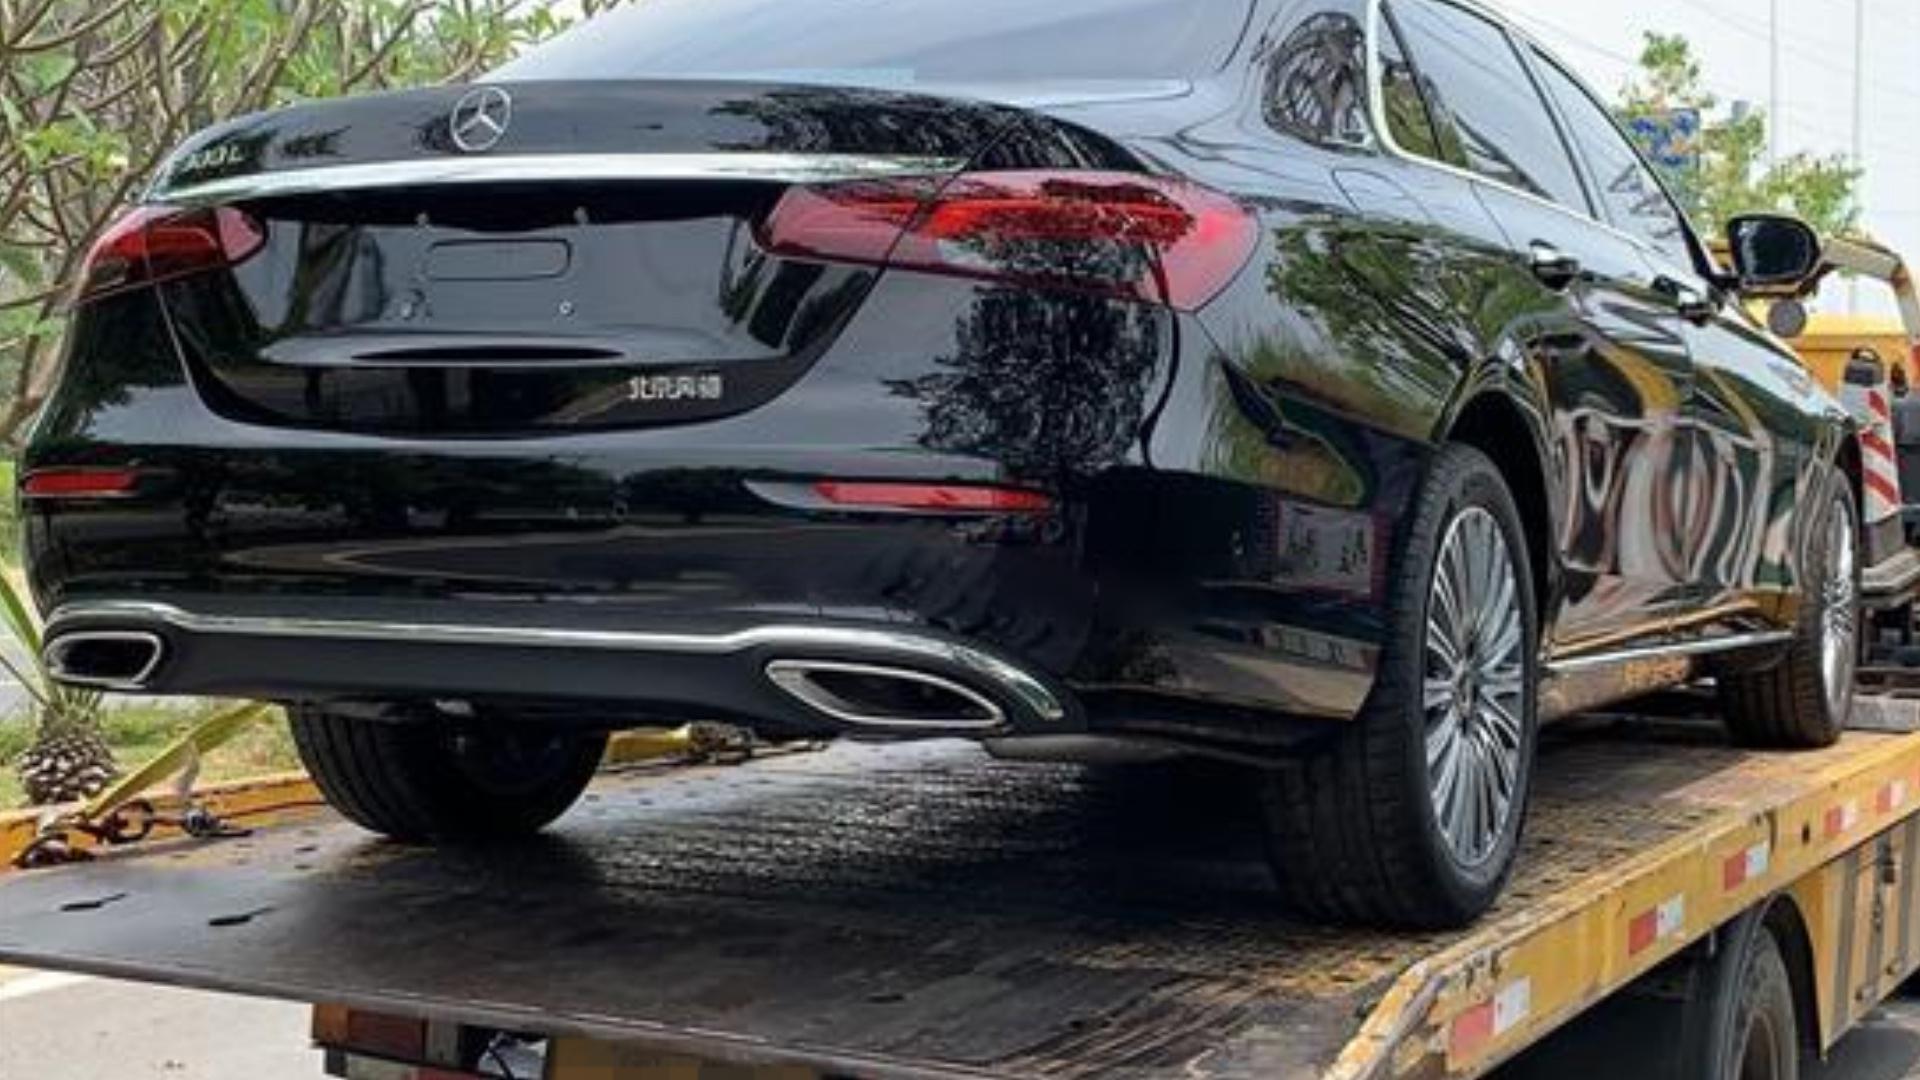 视频:奔驰E级新车质量问题,行驶中车辆突然停车,所有按键失灵